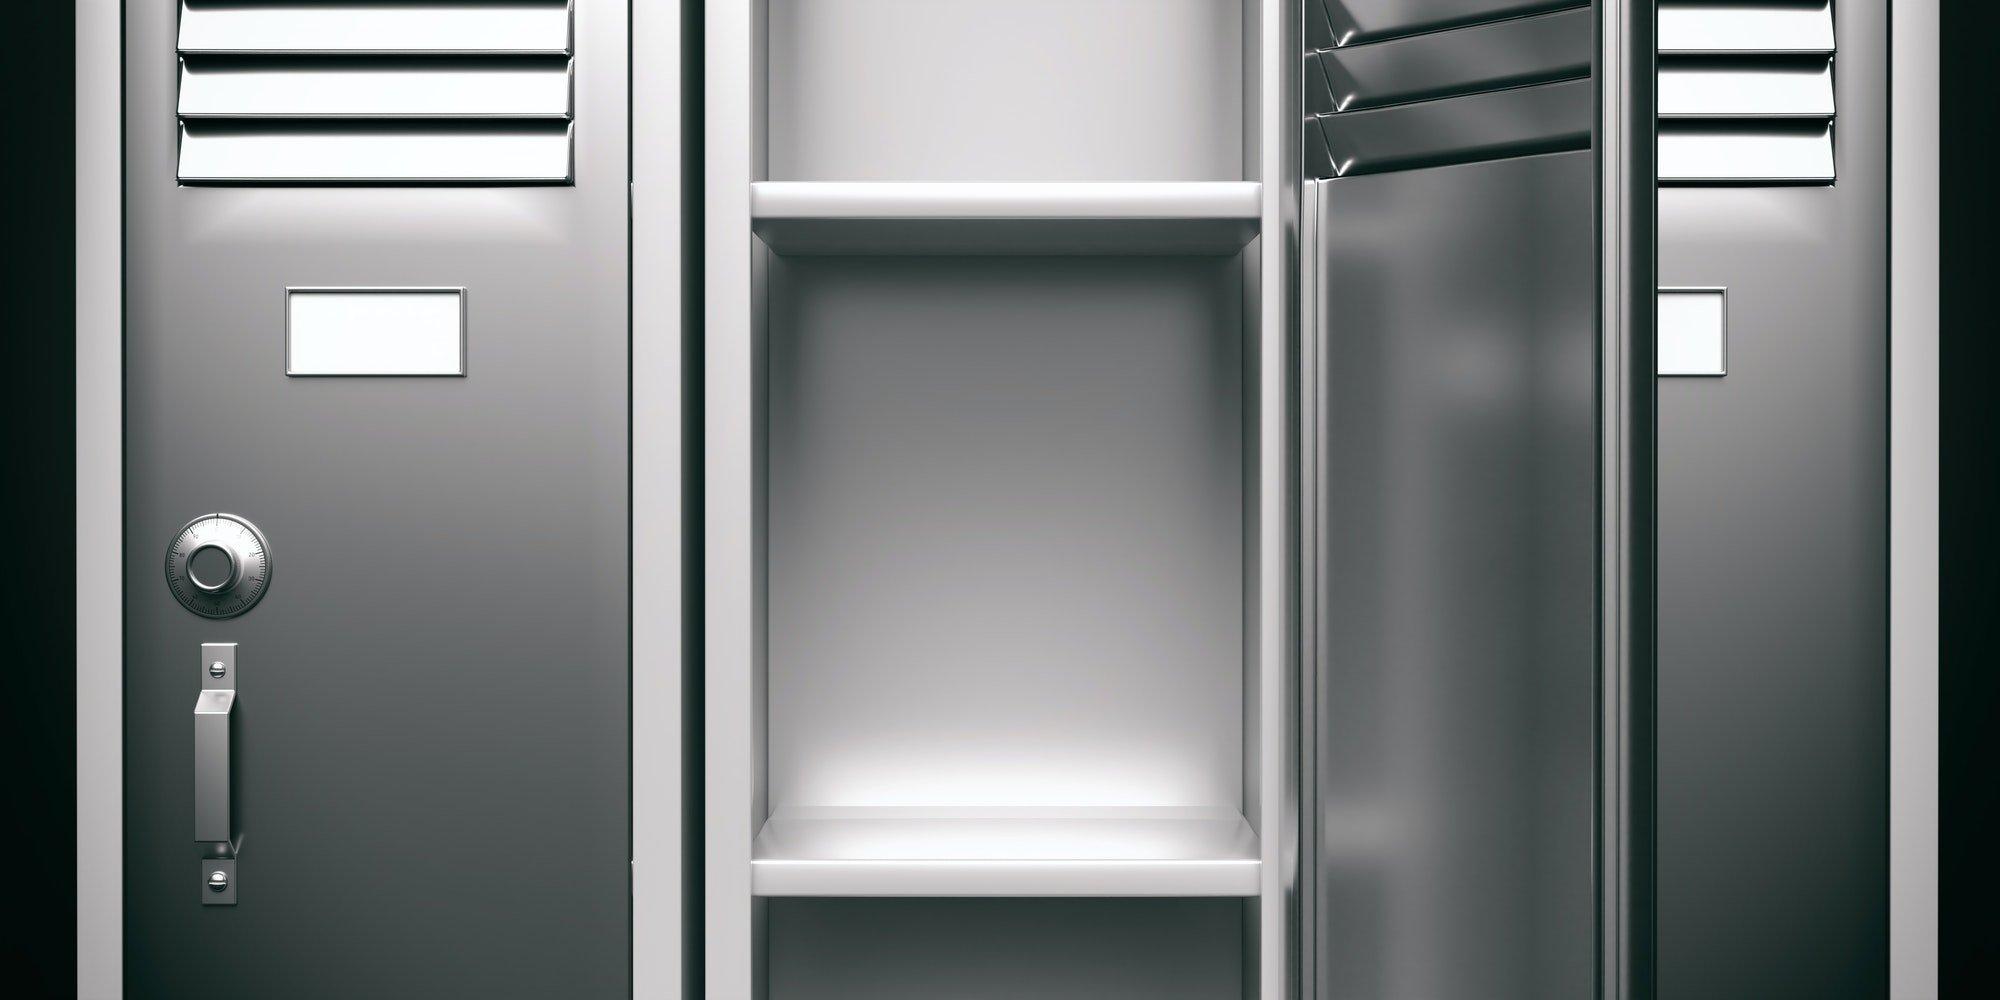 Taquillas de gimnasio, color gris, con puerta de acero inoxidable